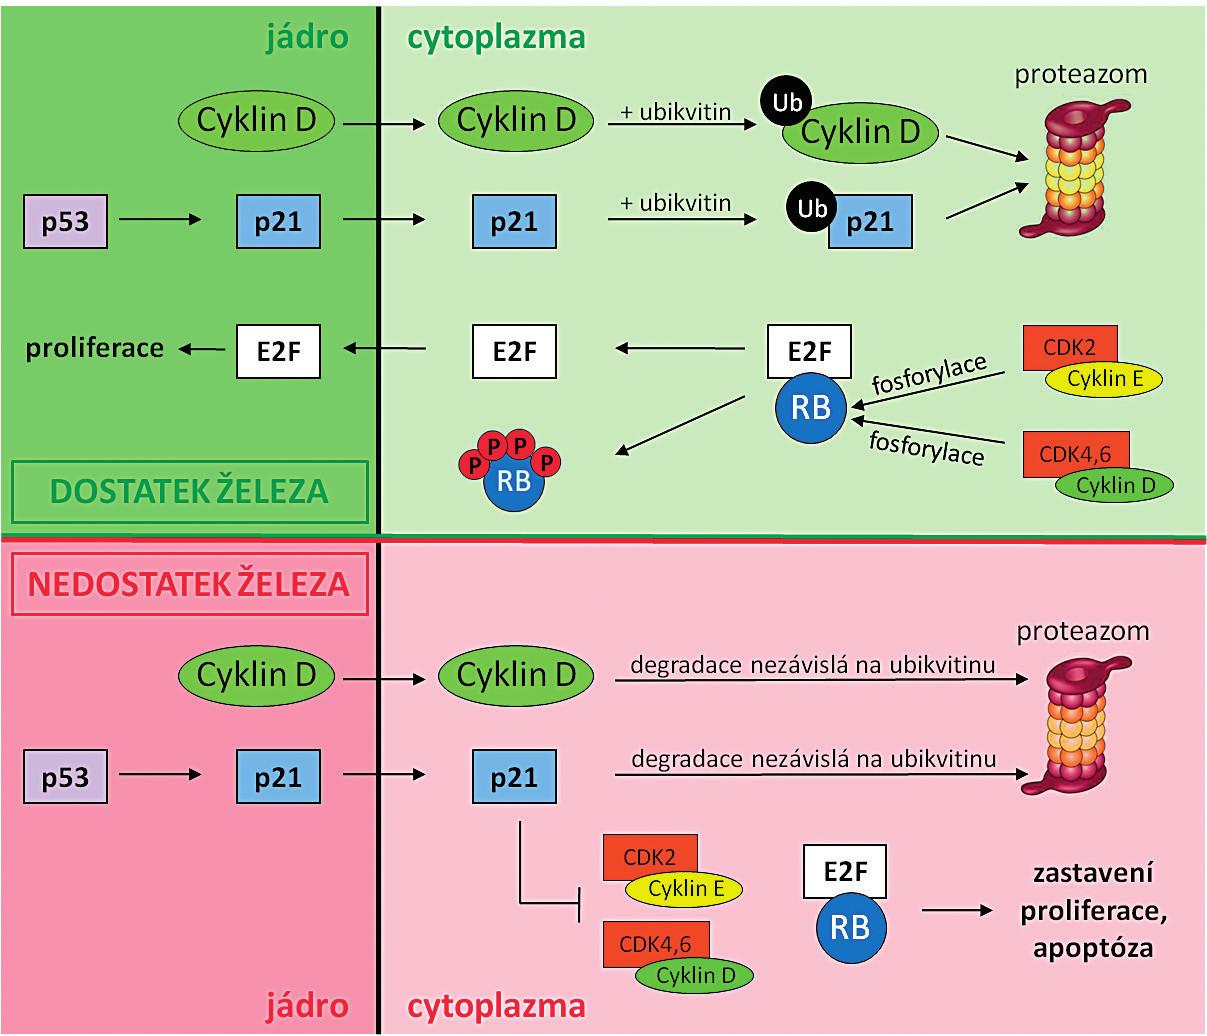 Srovnání funkce a mechanismu degradace cyklinu D a proteinu p21 za normálních podmínek   a při nedostatku železa